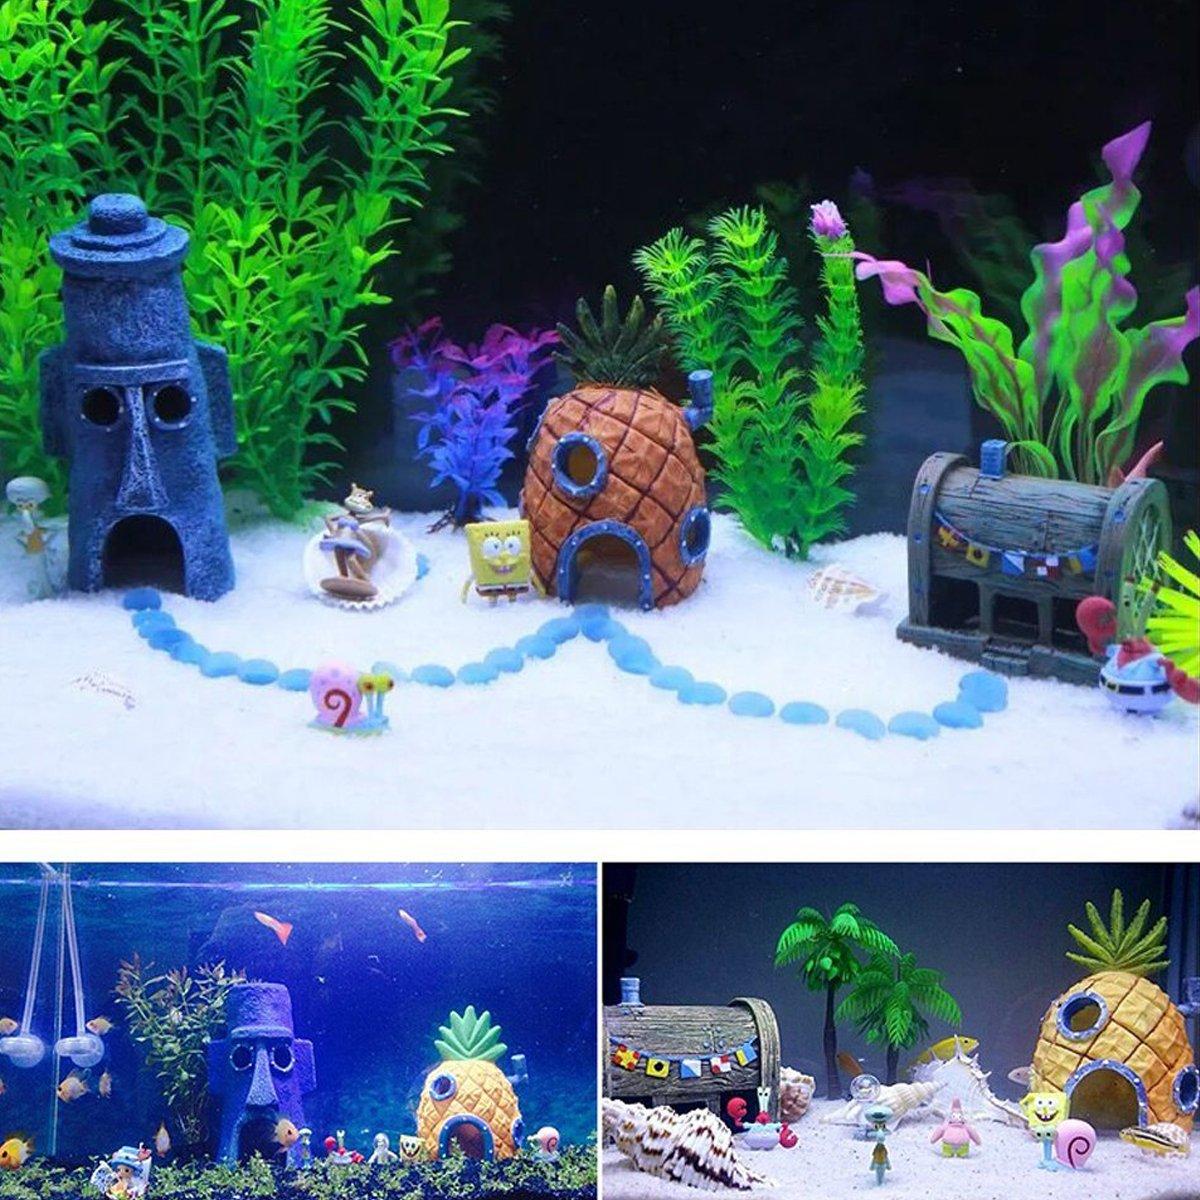 Ishowstore - Adornos de resina para acuario, decoración de peces, decoración de acuario, diseño de esponjas, 3 unidades: Amazon.es: Productos para mascotas